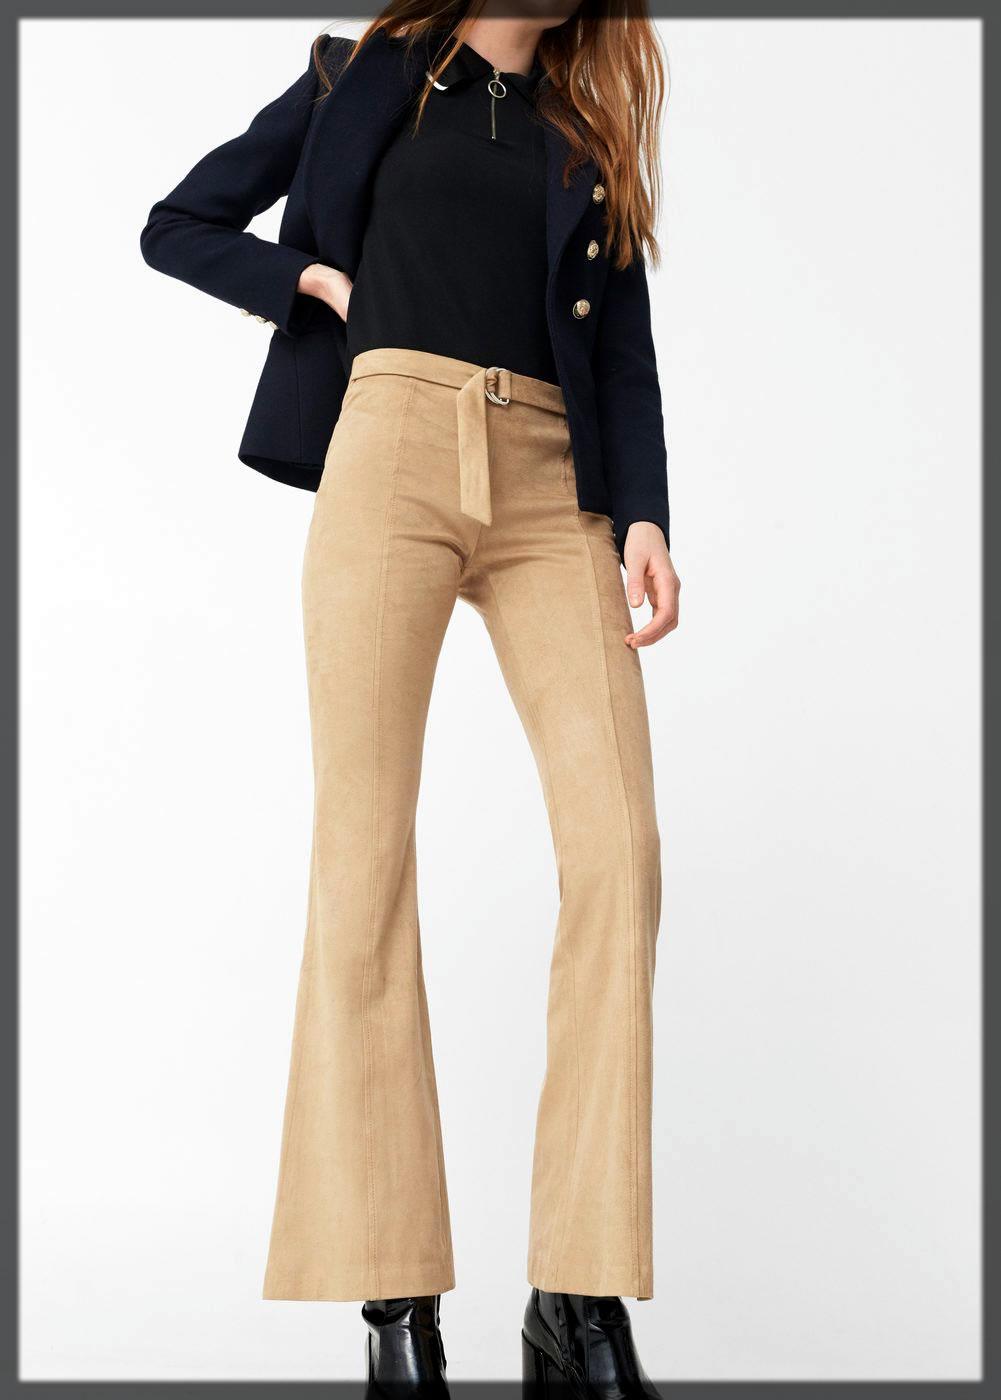 Khaki Flare Pant For Women